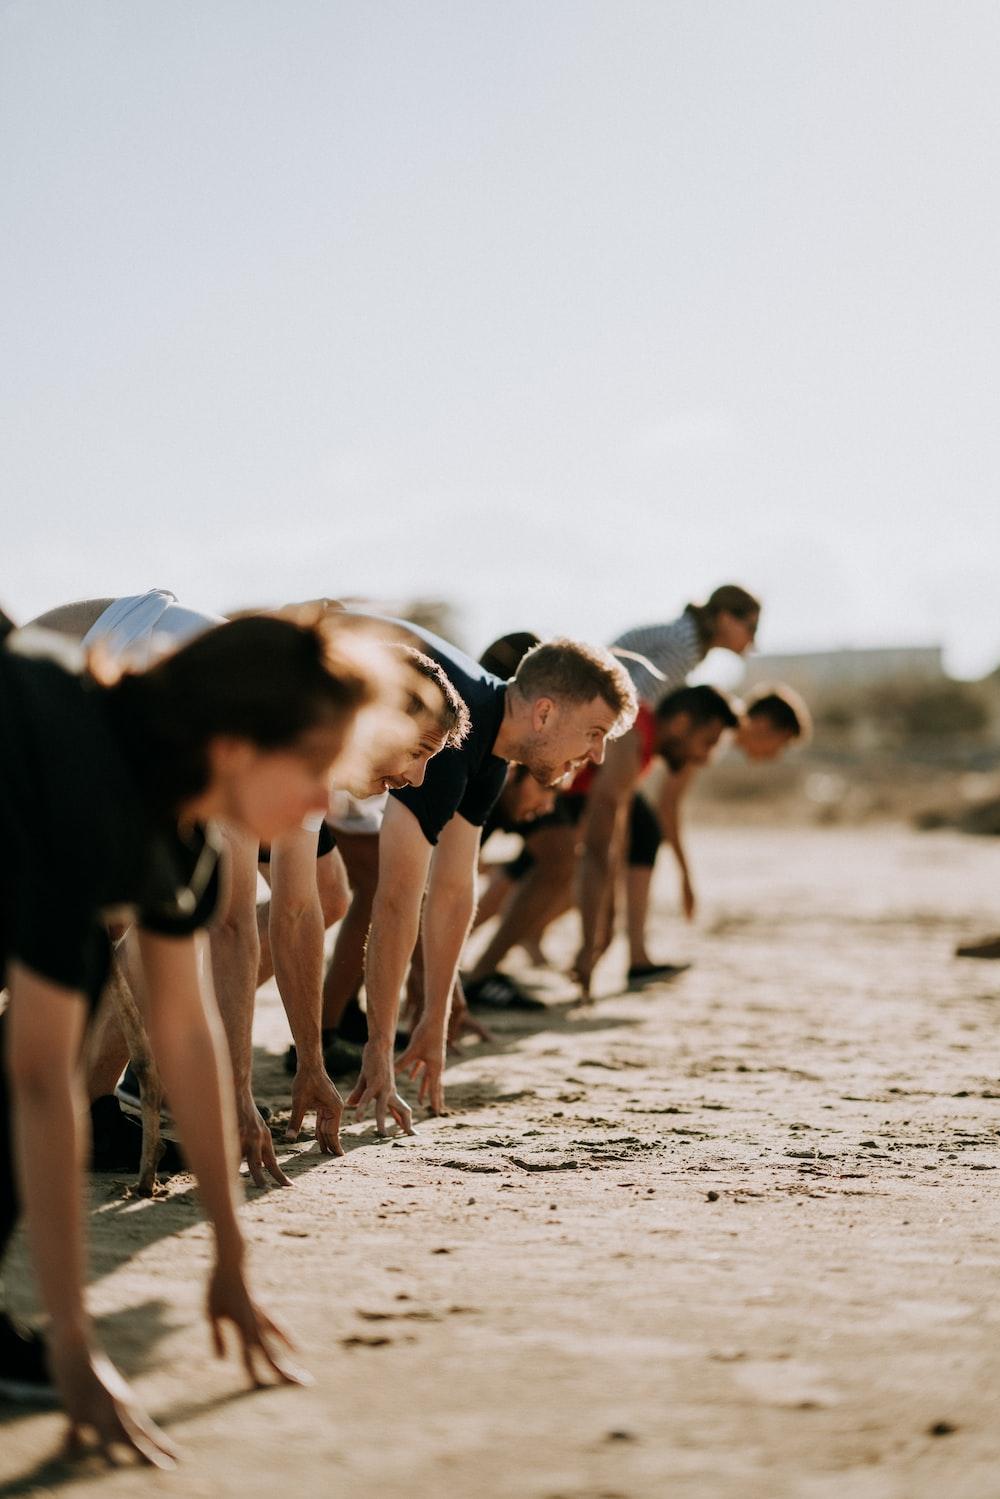 men preparing for running race